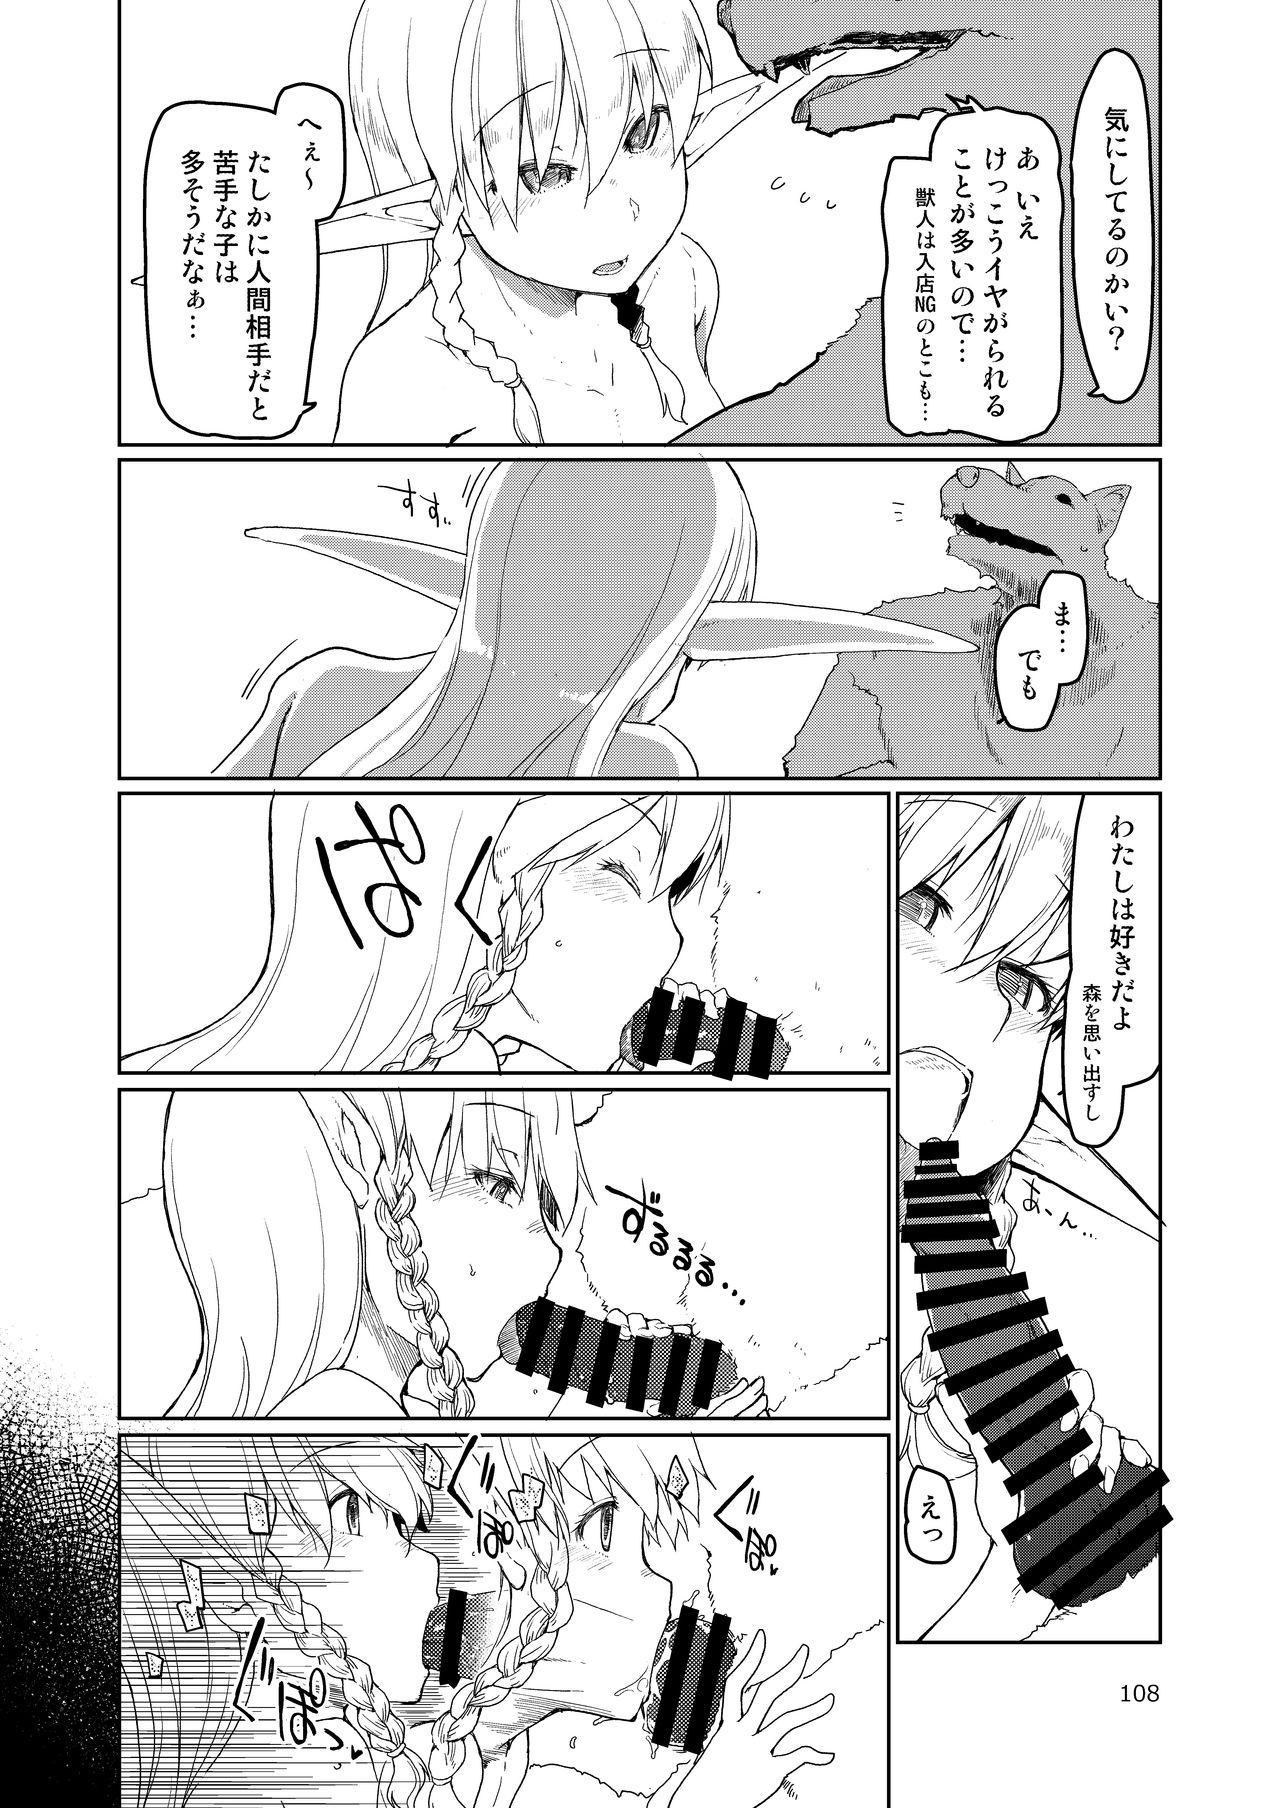 Dosukebe Elf no Ishukan Nikki Matome 2 108